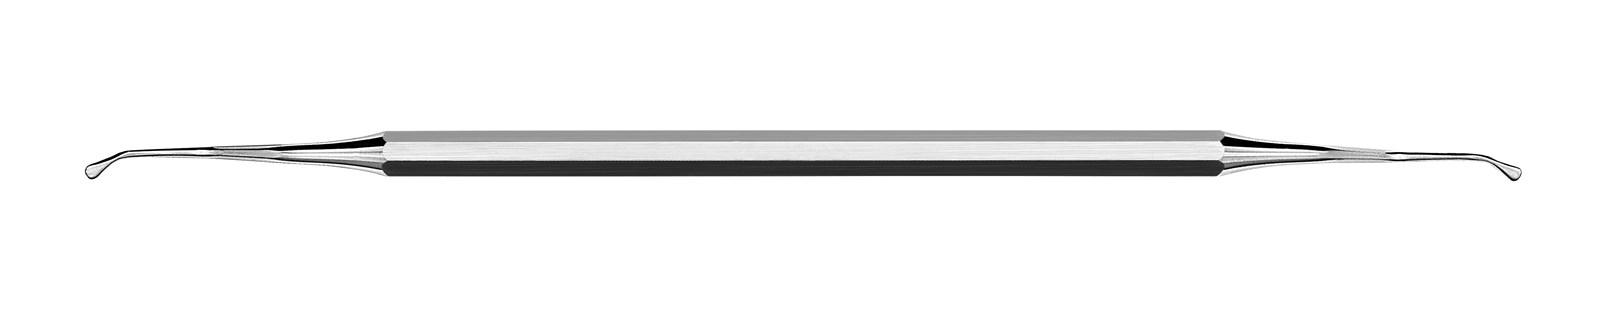 Nůž pro tunelovou techniku - TKP, Bez návleku